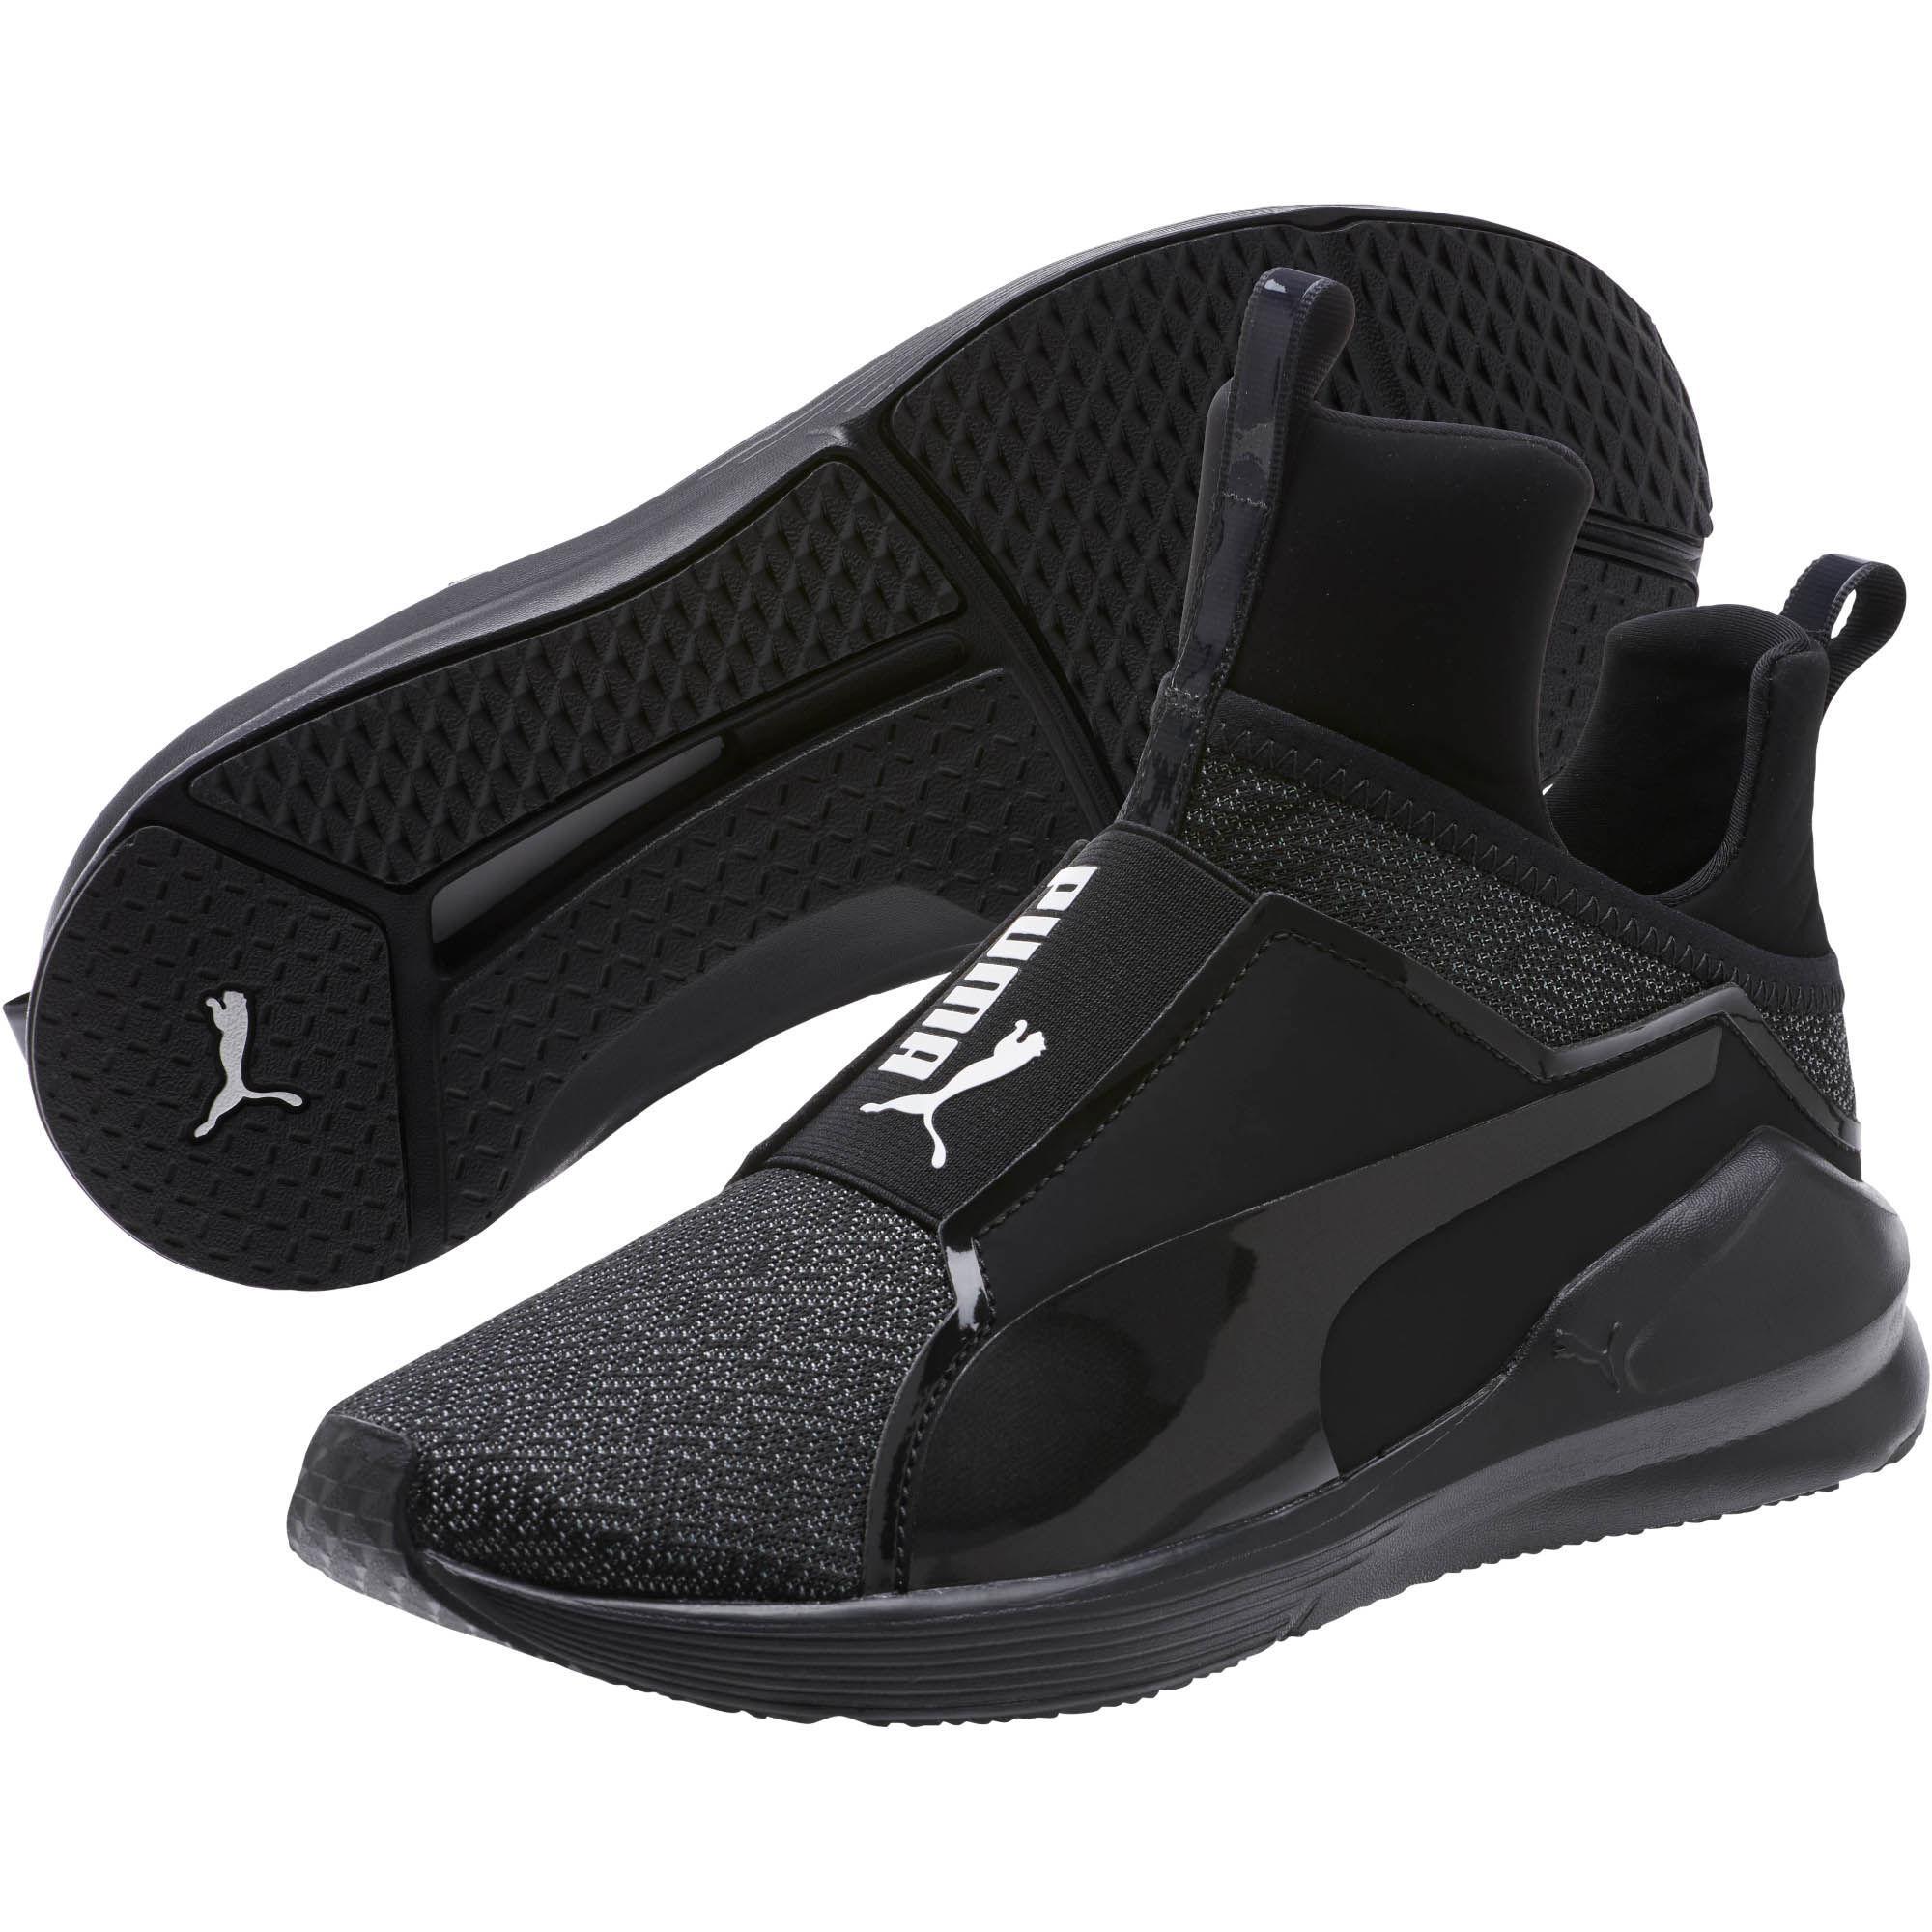 5ec80f9d355 Lyst - PUMA Fierce Varsity Knit Women s Sneakers in Black